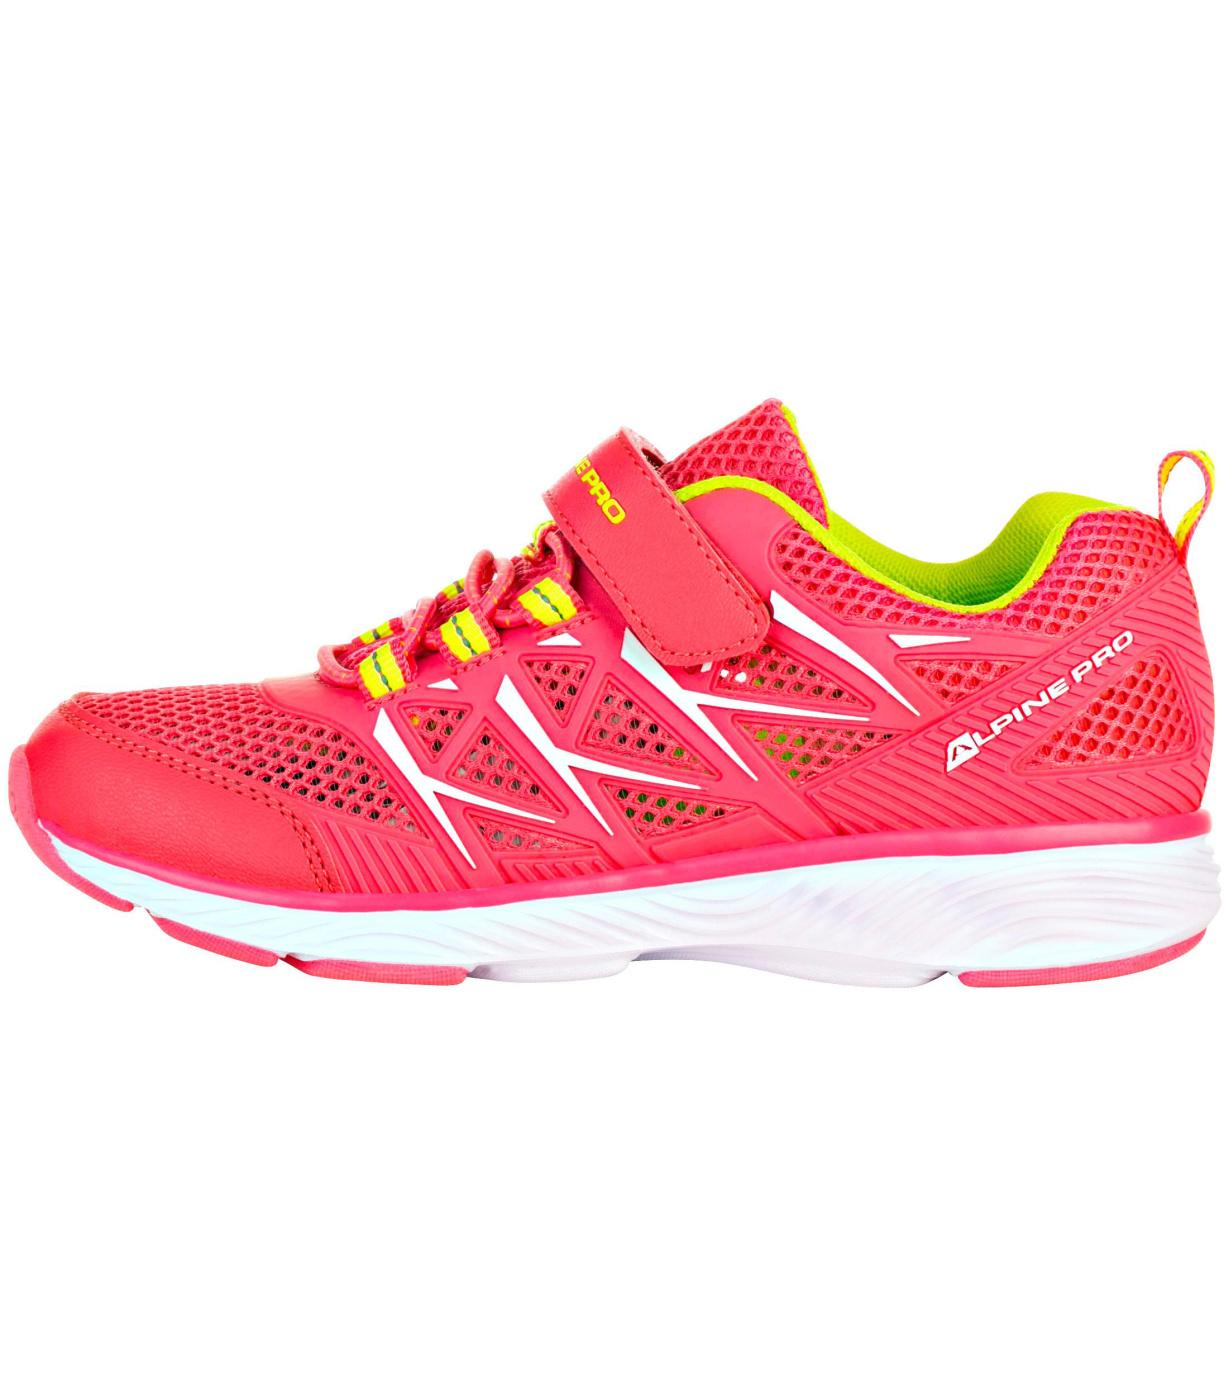 ALPINE PRO AVICESE Dětská sportovní obuv KBTR219452 růžová 34